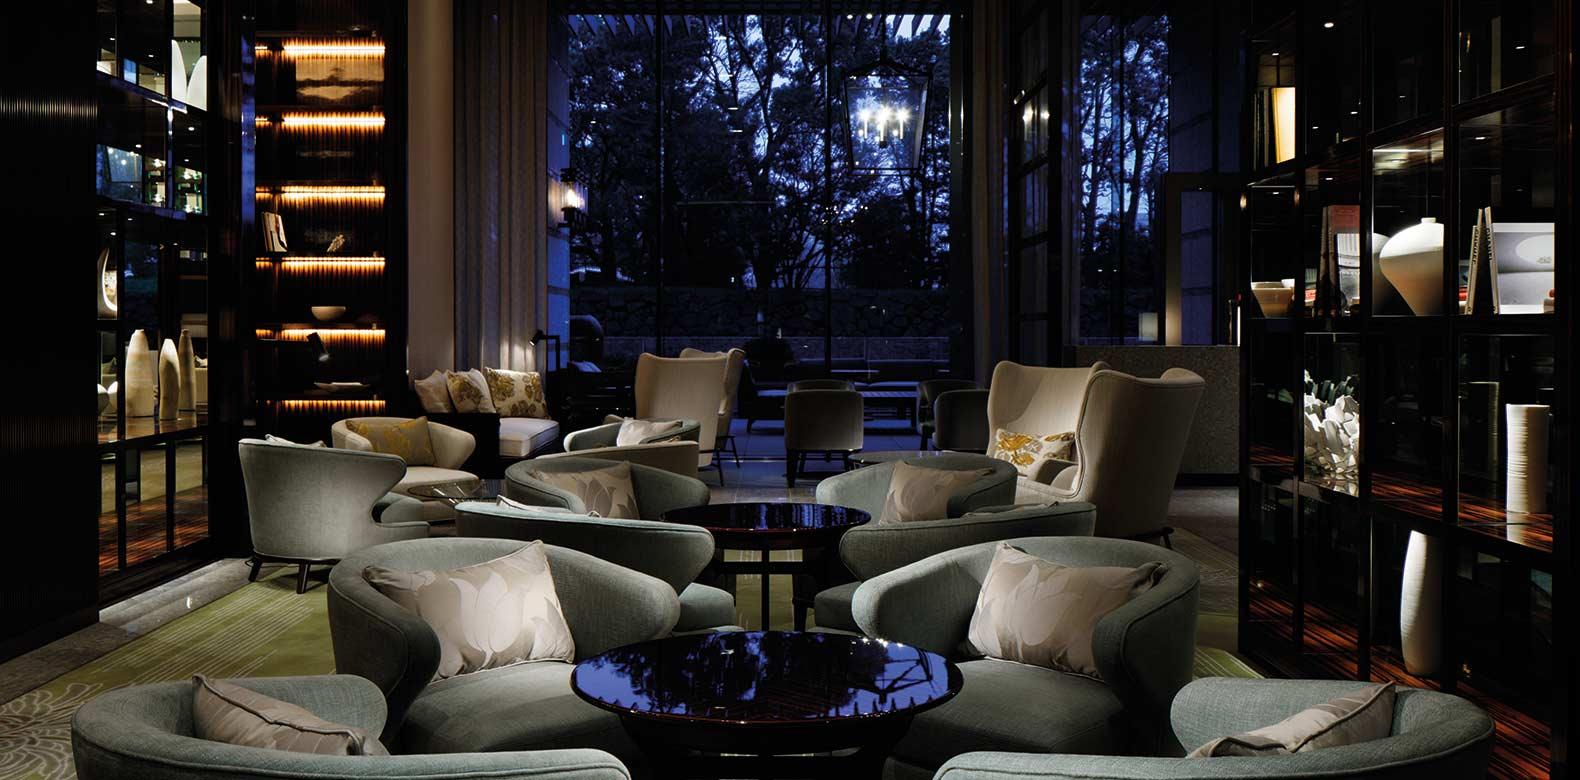 Palace-Hotel-Tokyo-F-Palace-Lounge-III